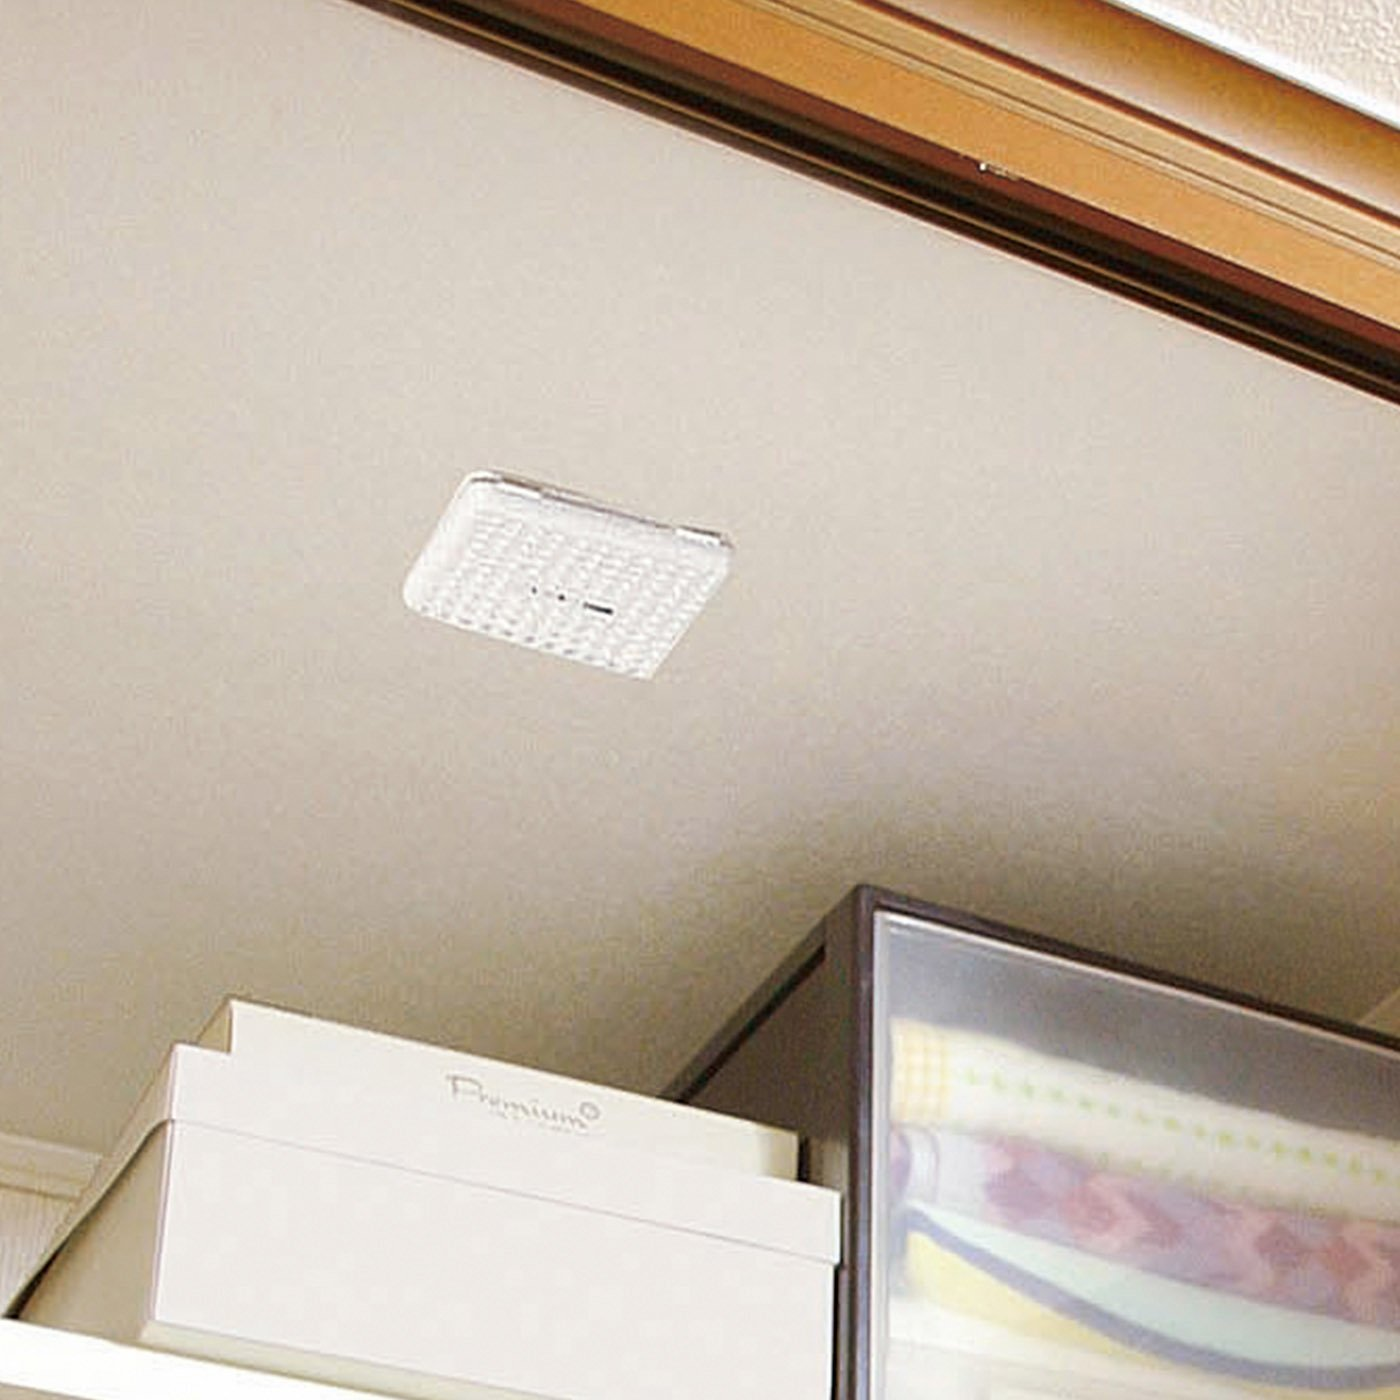 押し入れの天井に貼るだけ バイオの力 カビ抑制プレートの会